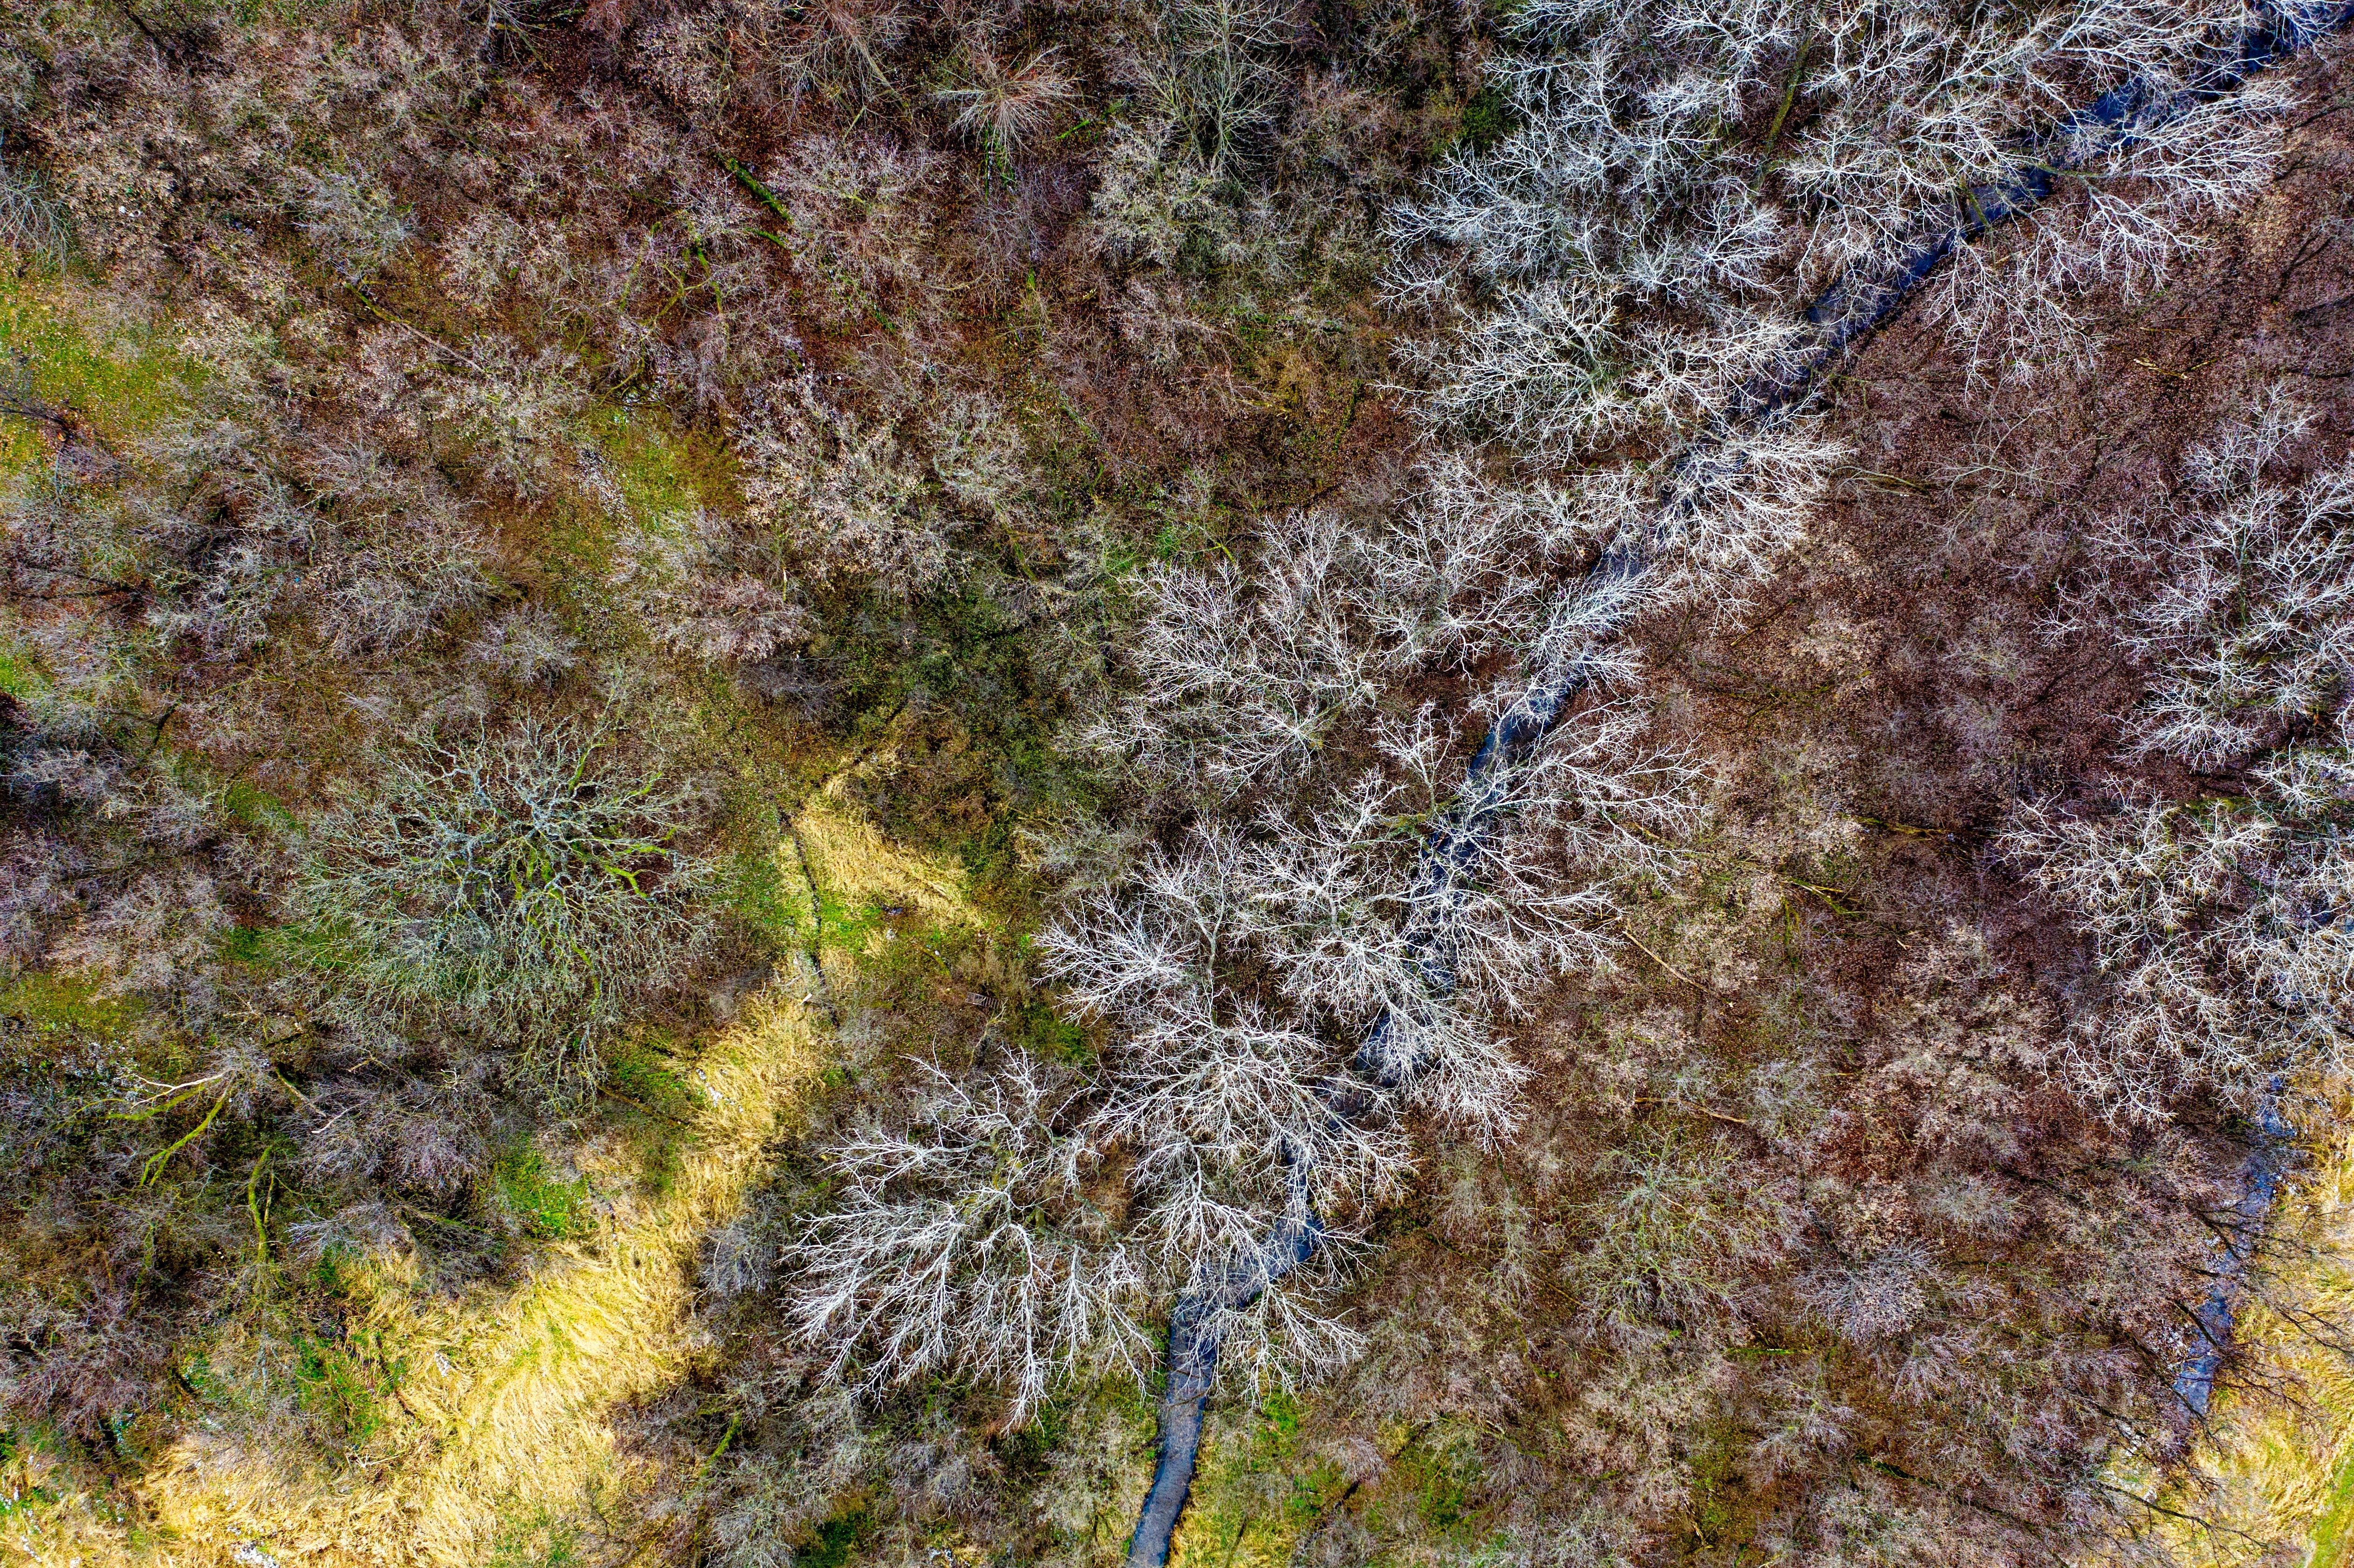 Poze Lovitură Aeriană Pasăre Ochi Vedere Colorate